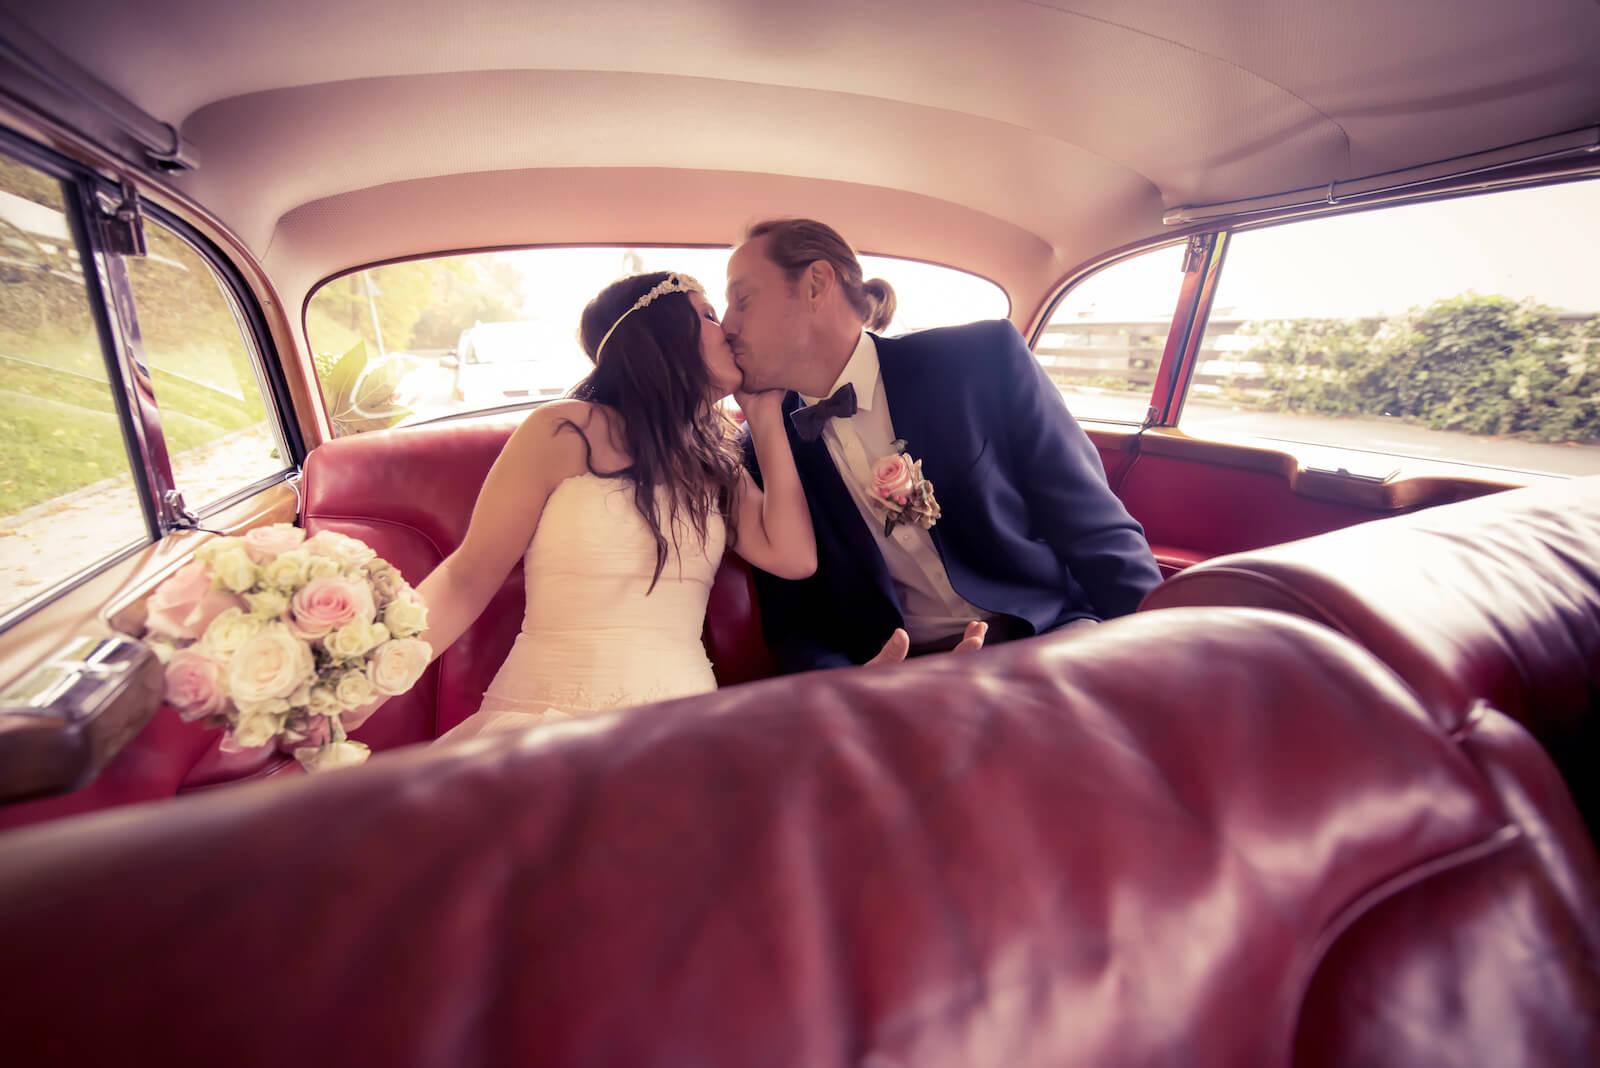 Hochzeit Bohostyle Landsberg - das Brautpaar küsst sich im Fond eines Mercedes W189